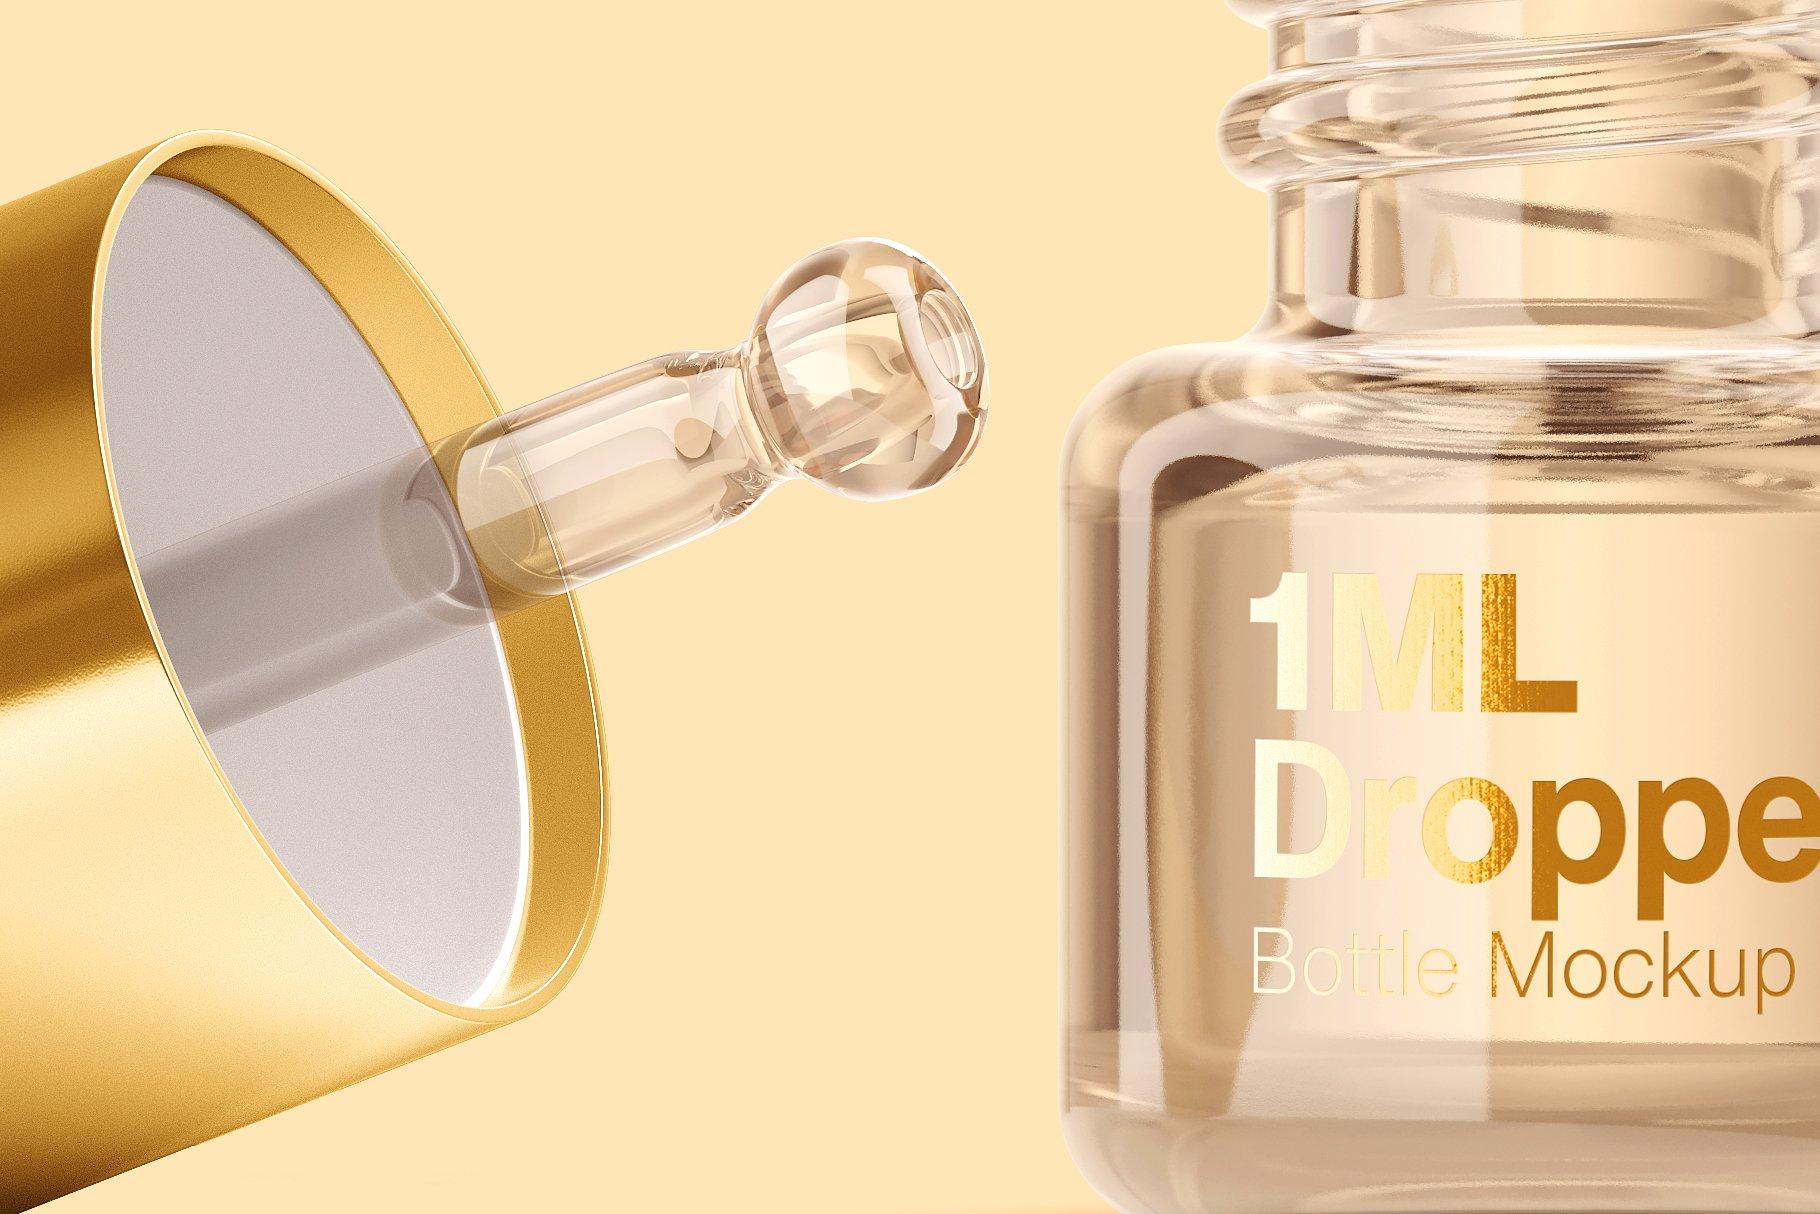 14个透明玻璃滴管瓶标签设计展示贴图样机模板 1ml Clear Glass Bottle Mockup插图6